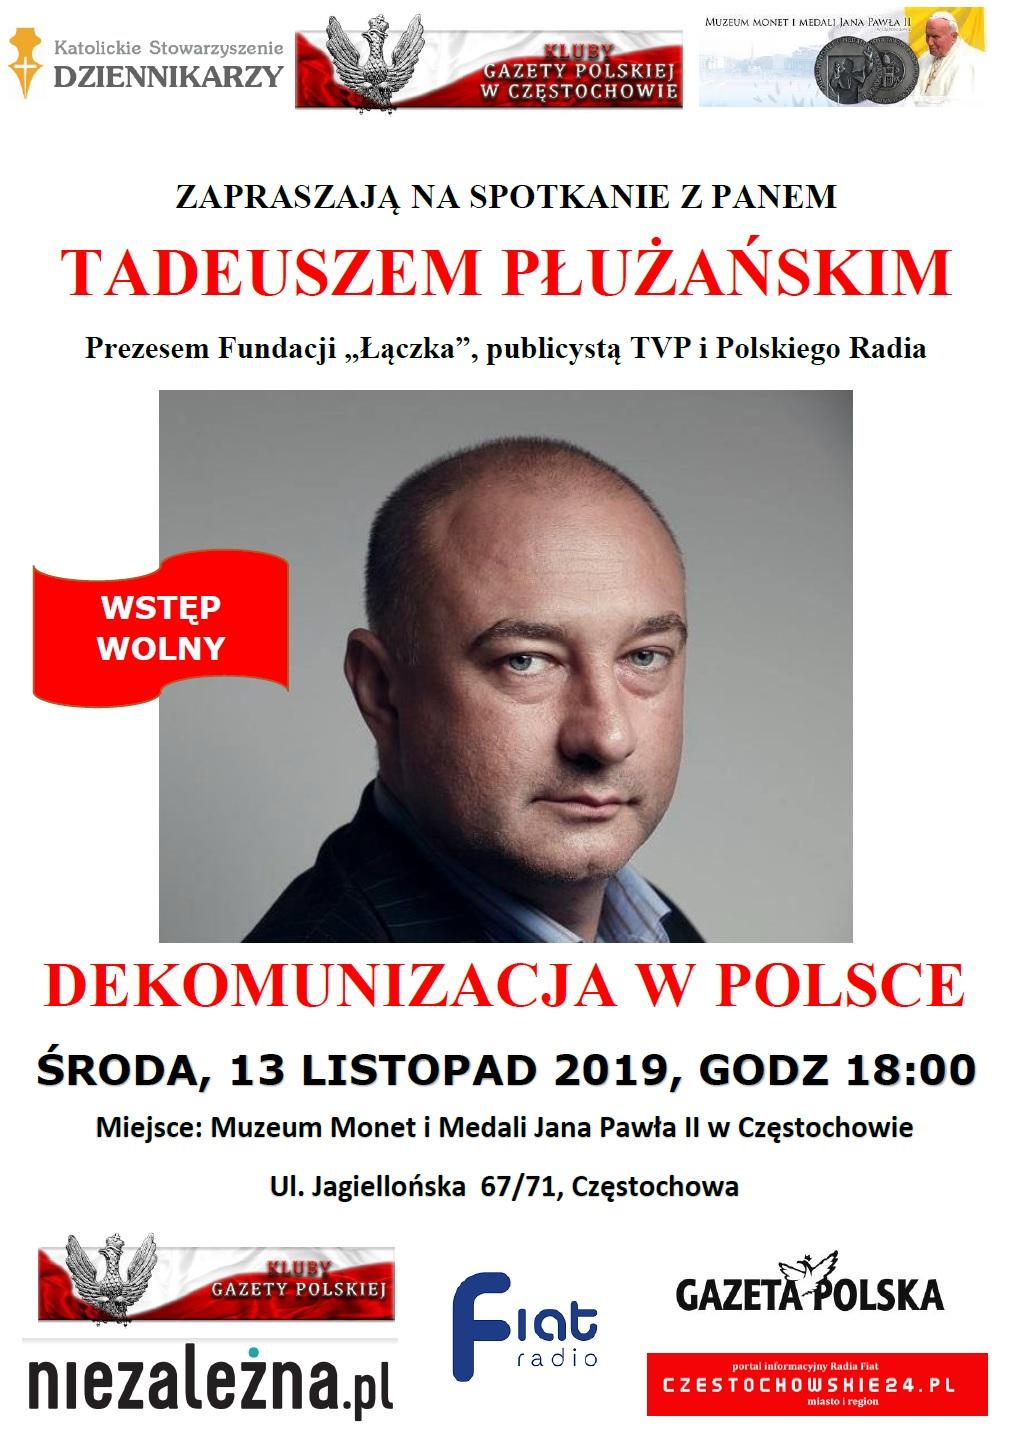 Czestochowa Pluzanski2019